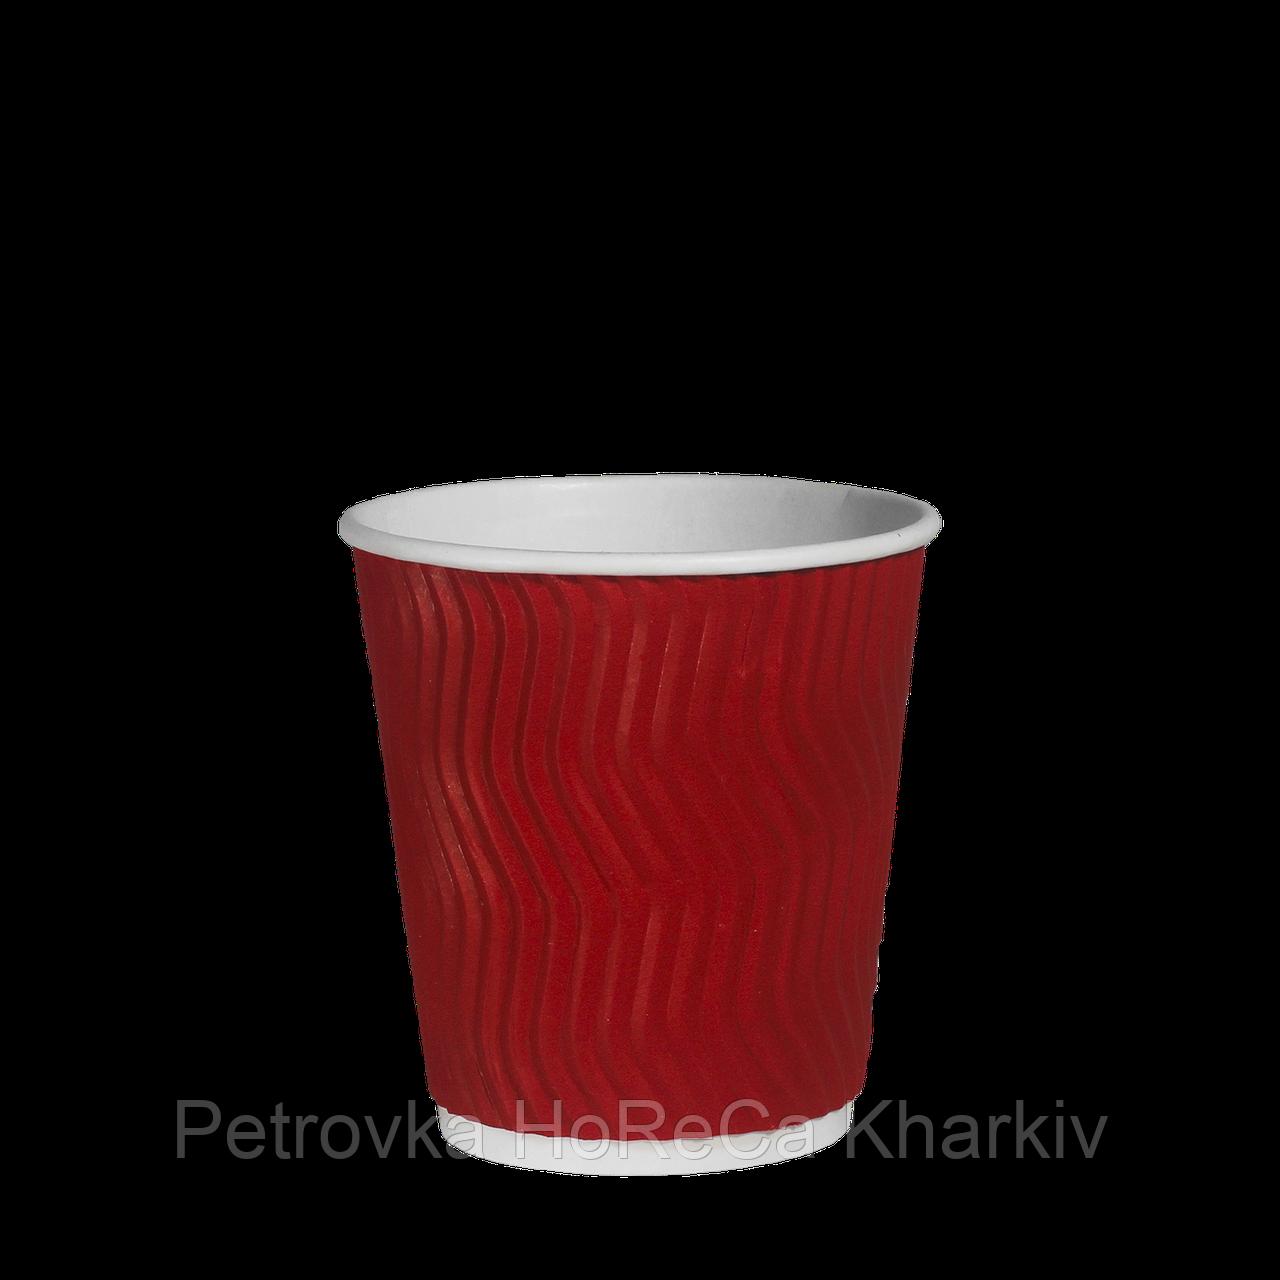 Одноразовий стакан гофрований, серія Червоний хвиля 175мл. (20шт/45рук/900), під кришку КР69